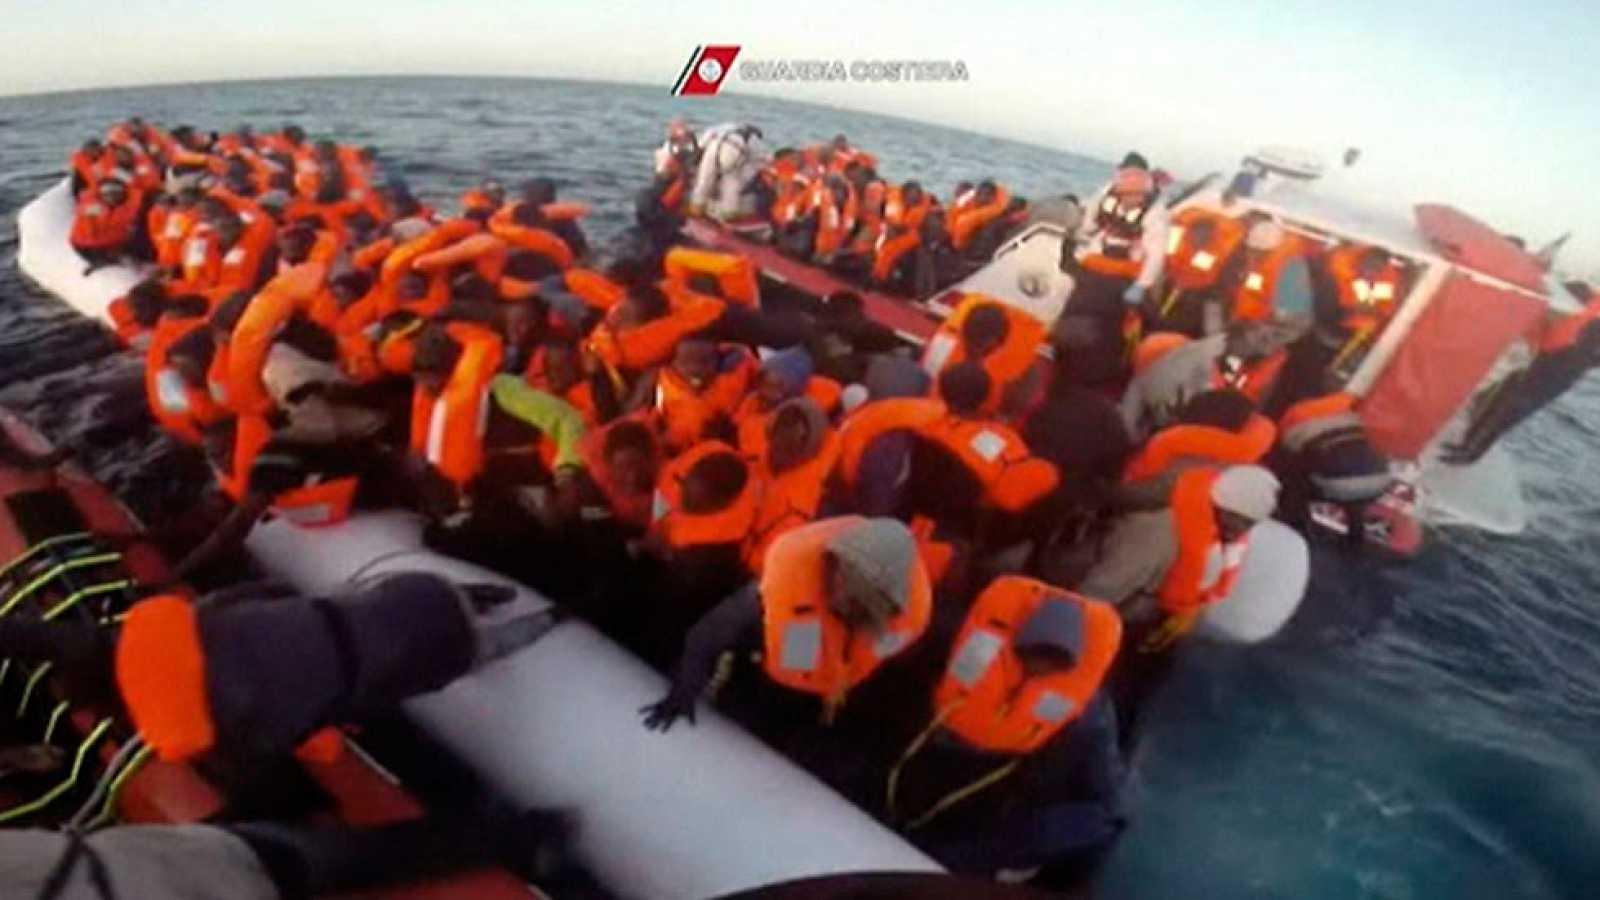 Un barco italiano localiza una lancha neumática abarrotada de subsaharianos a 30 millas de la costa libia